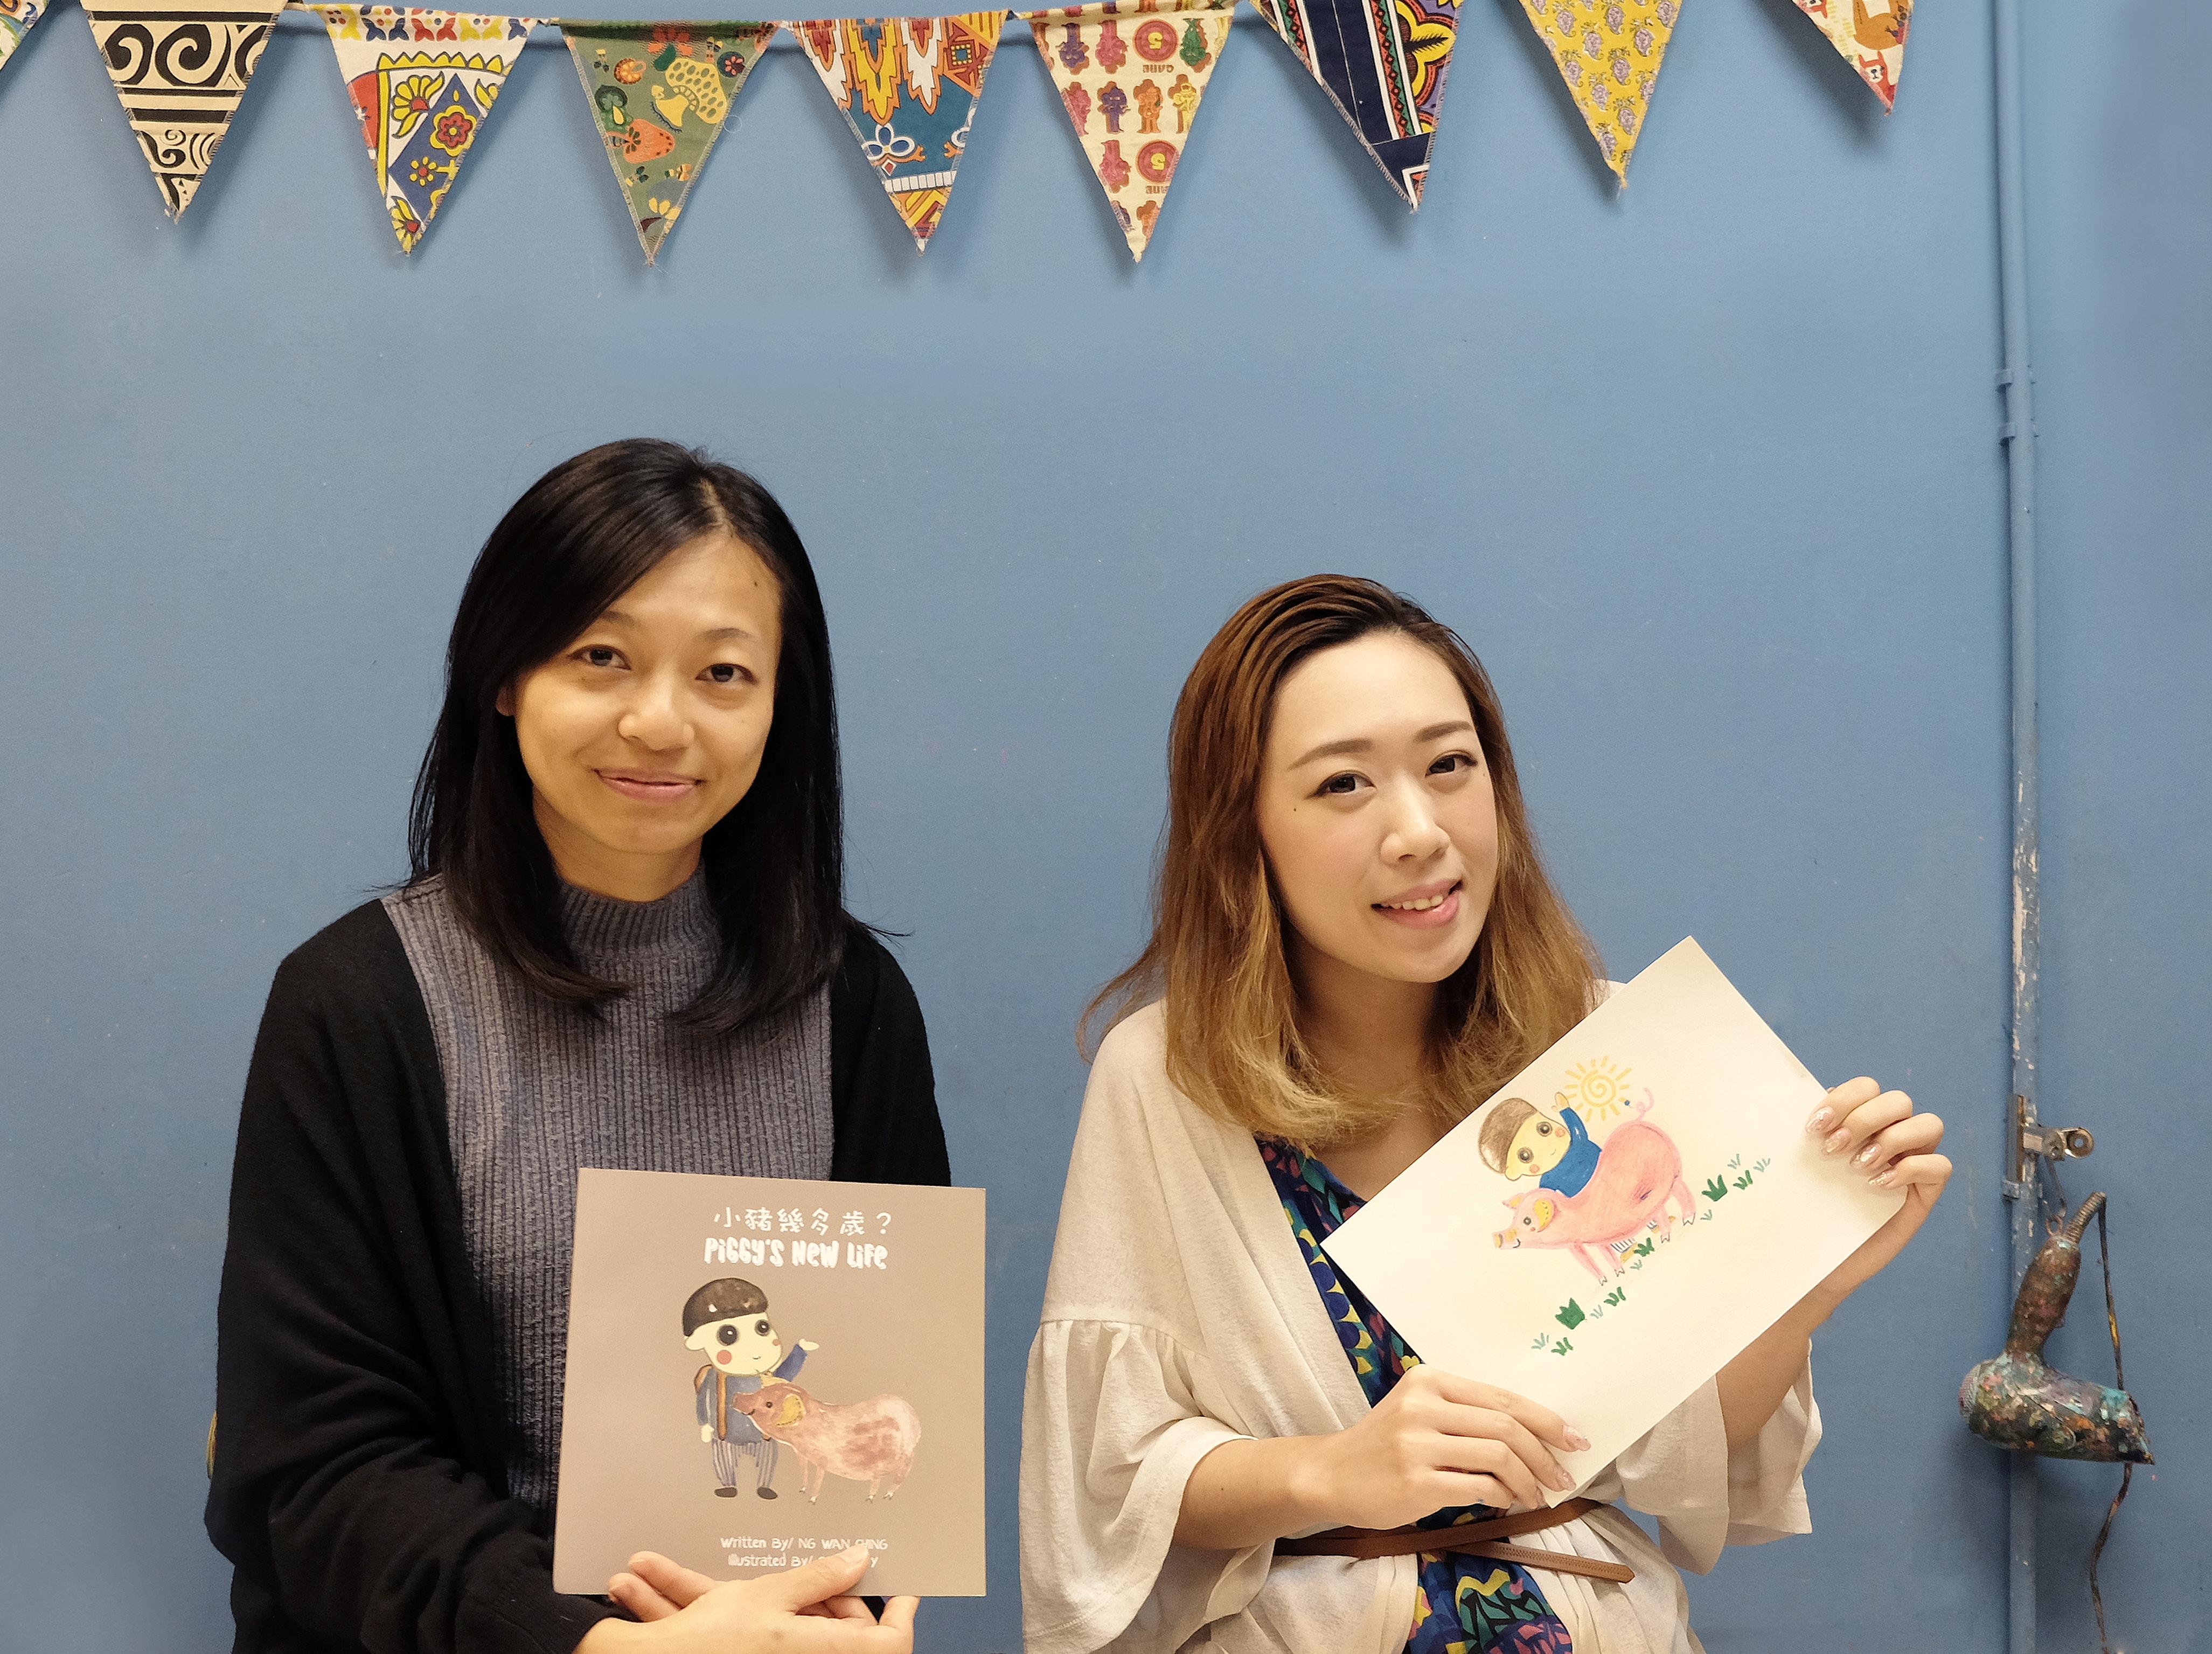 曾任記者的吳韻菁(左)在一次訪問中認識了藝術家Canace(右),於是邀請她擔任繪本插畫師。